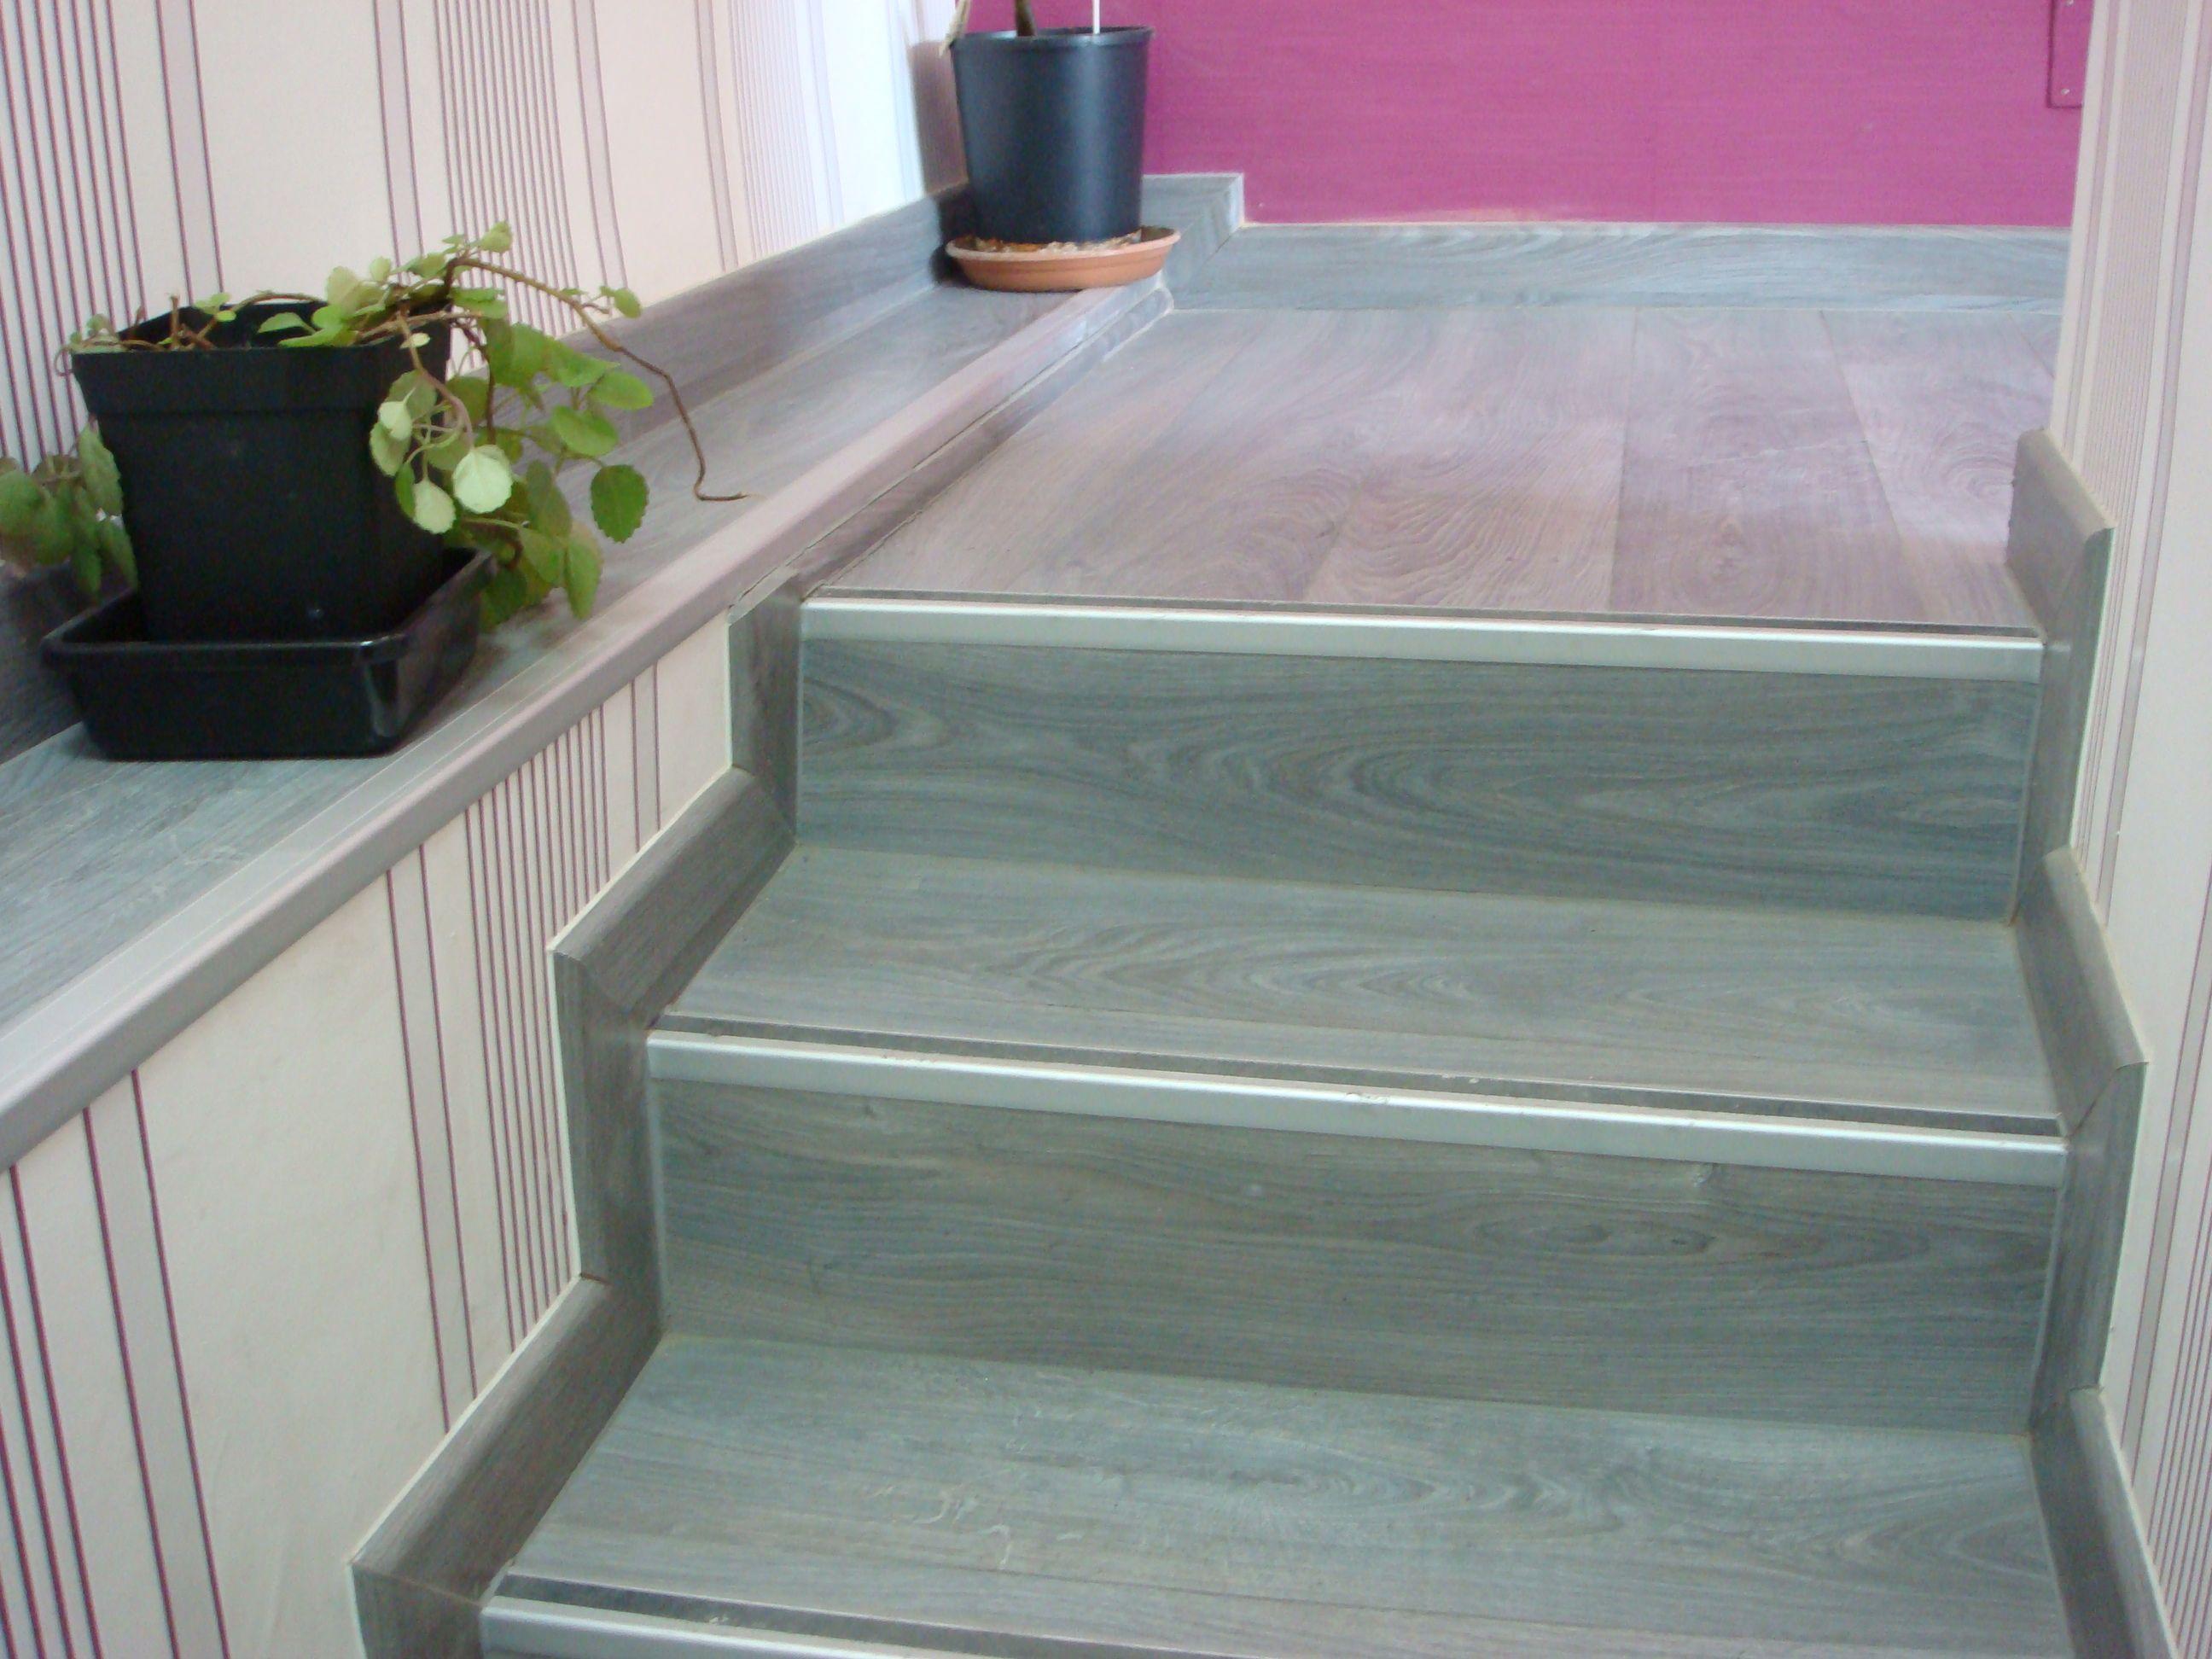 Escalera tarima roble azul for Escaleras de parquet